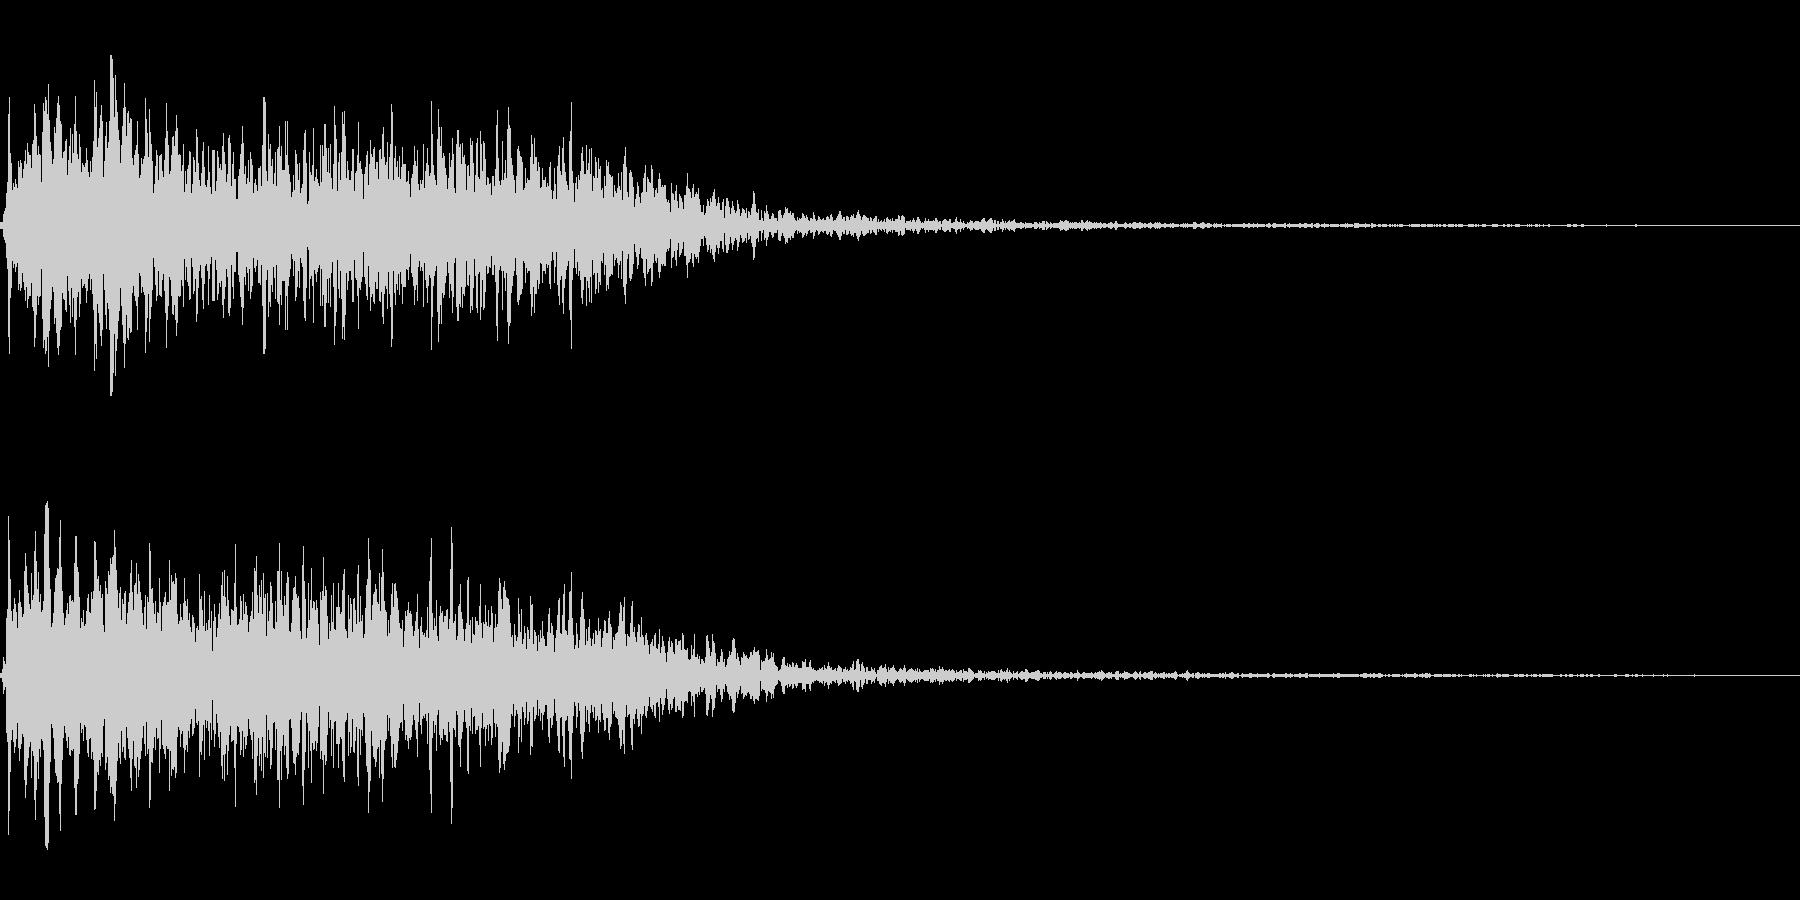 吹きすさぶ風・竜巻系の魔法(高レベル)sの未再生の波形